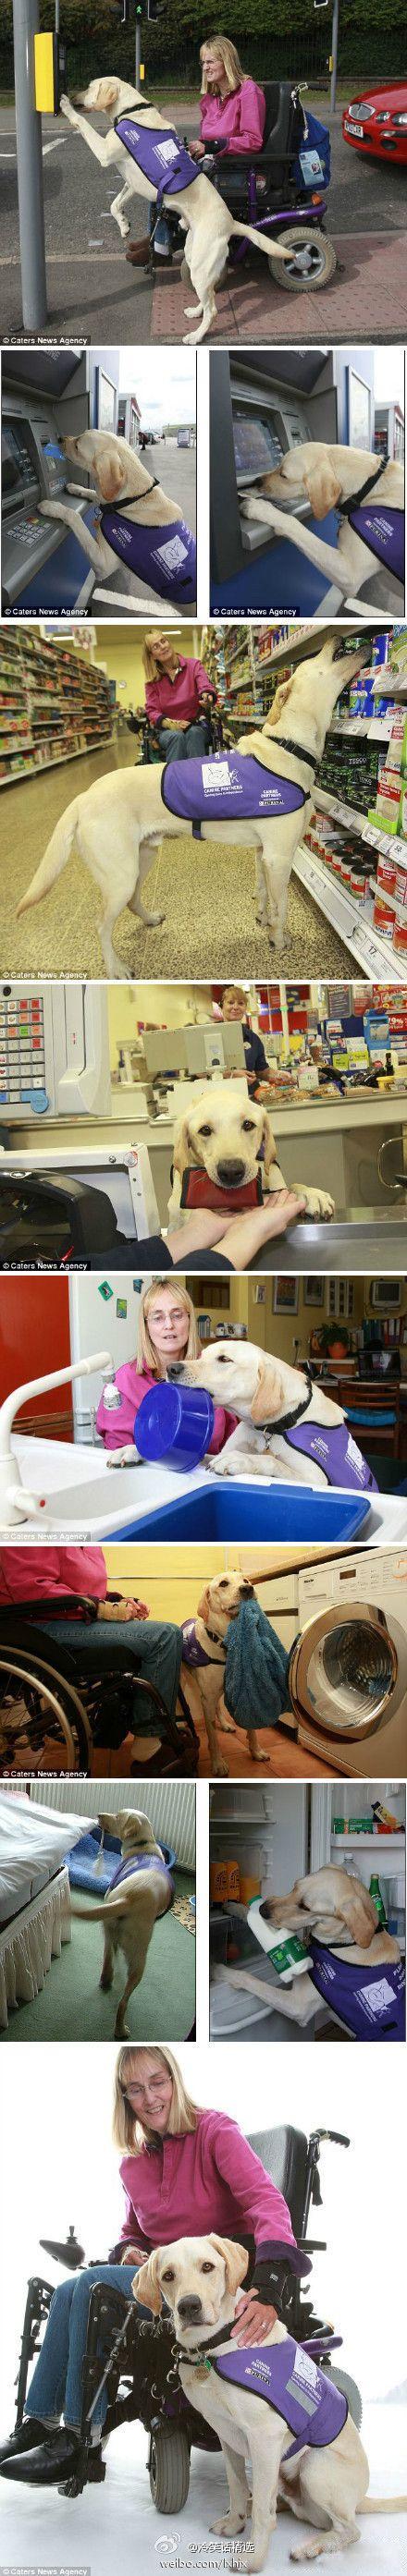 Il est super intelligent!!!Sa maîtresse a de la chance d'avoir un chien comme lui!